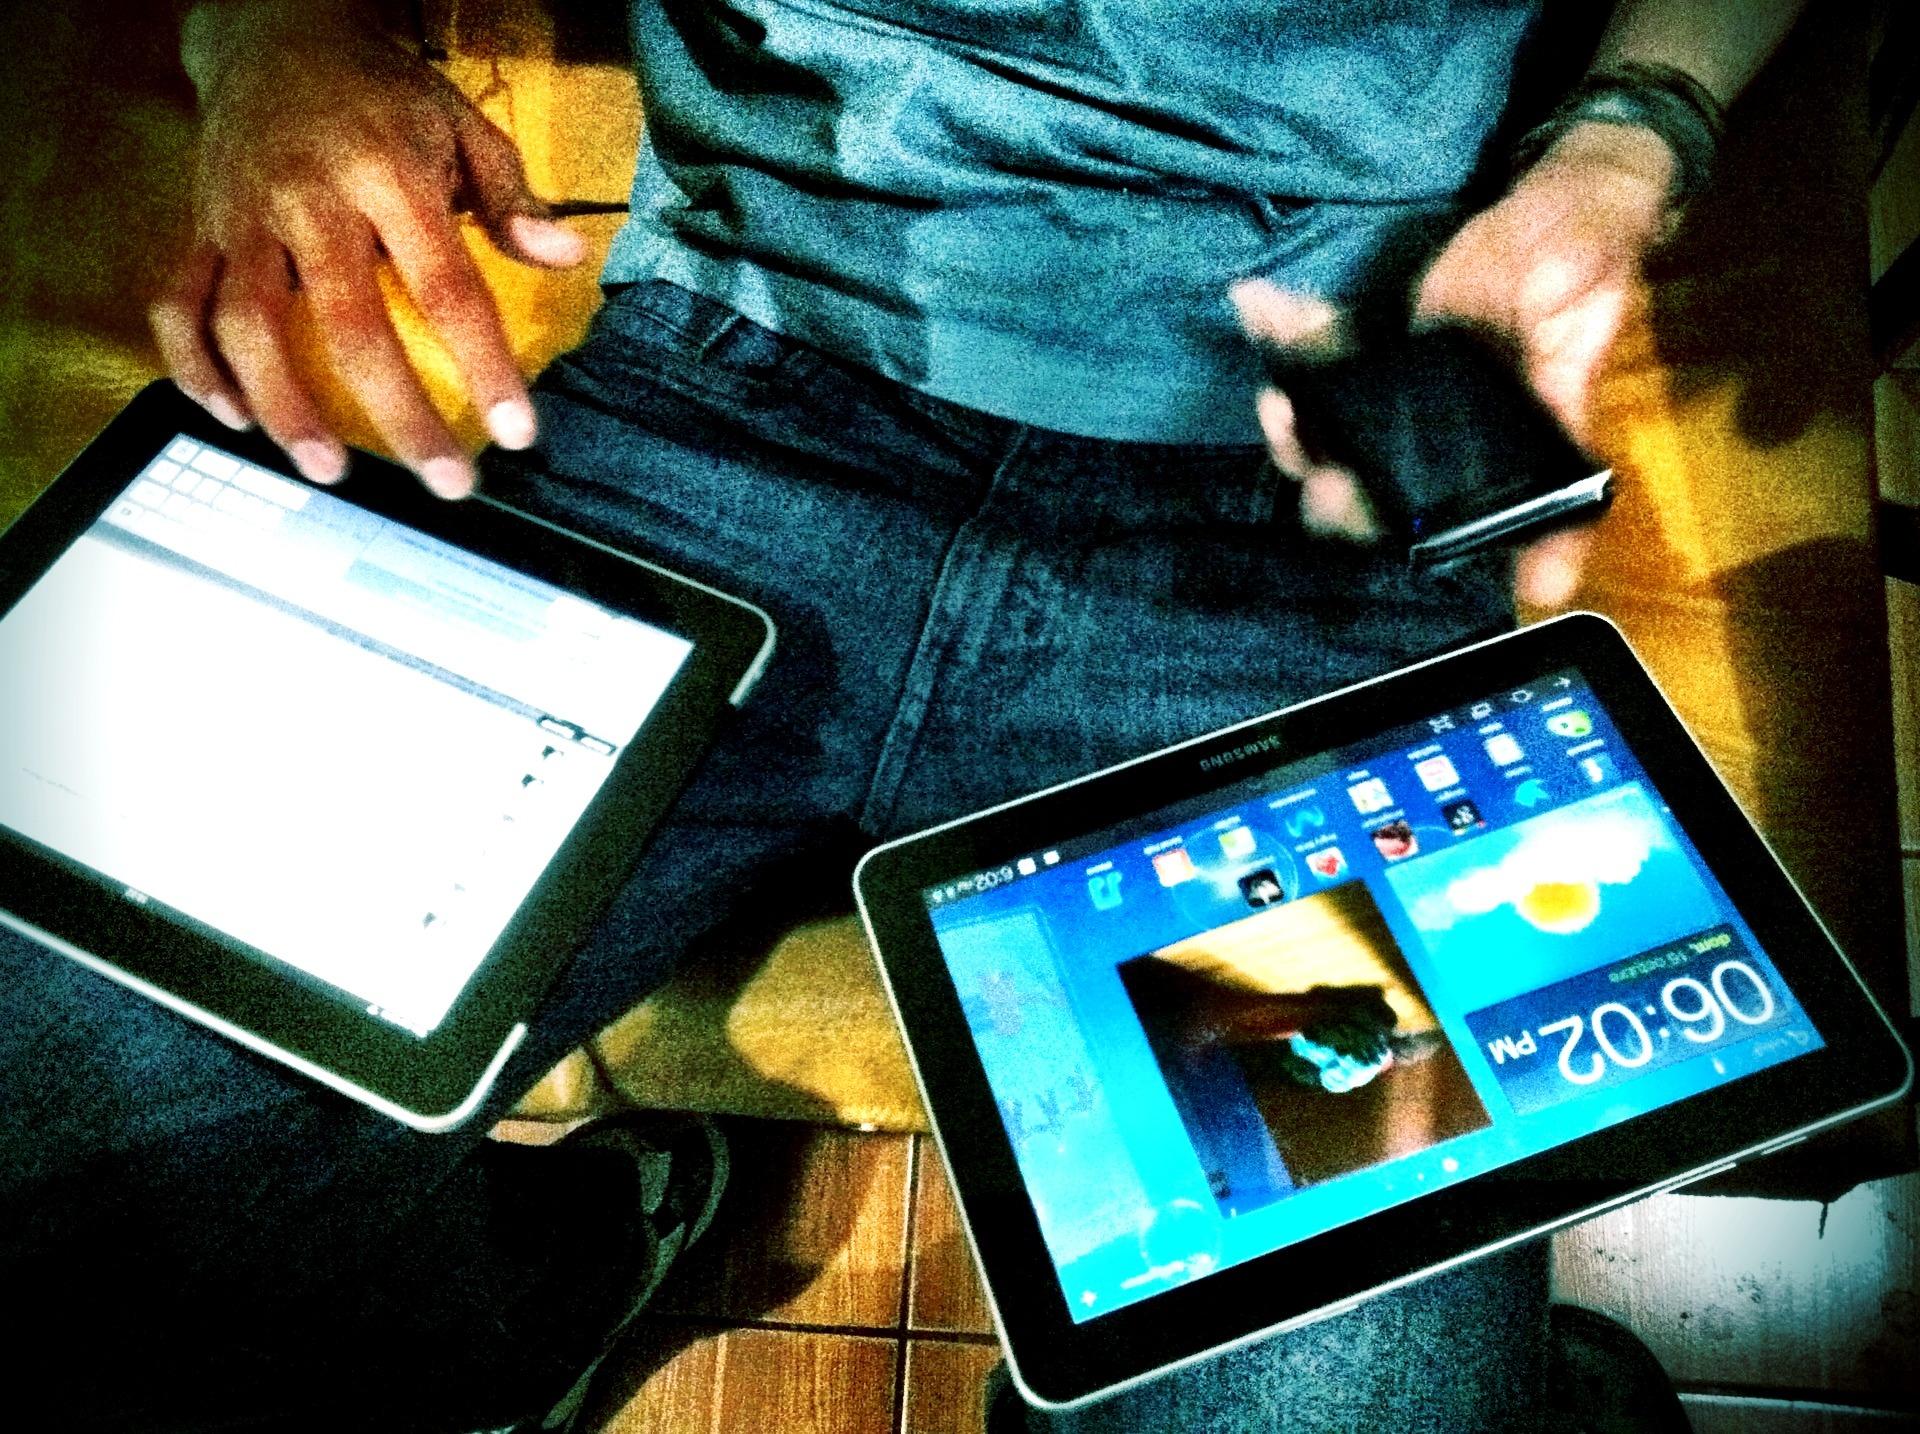 Un profesional maneja varios dispositivos digitales.